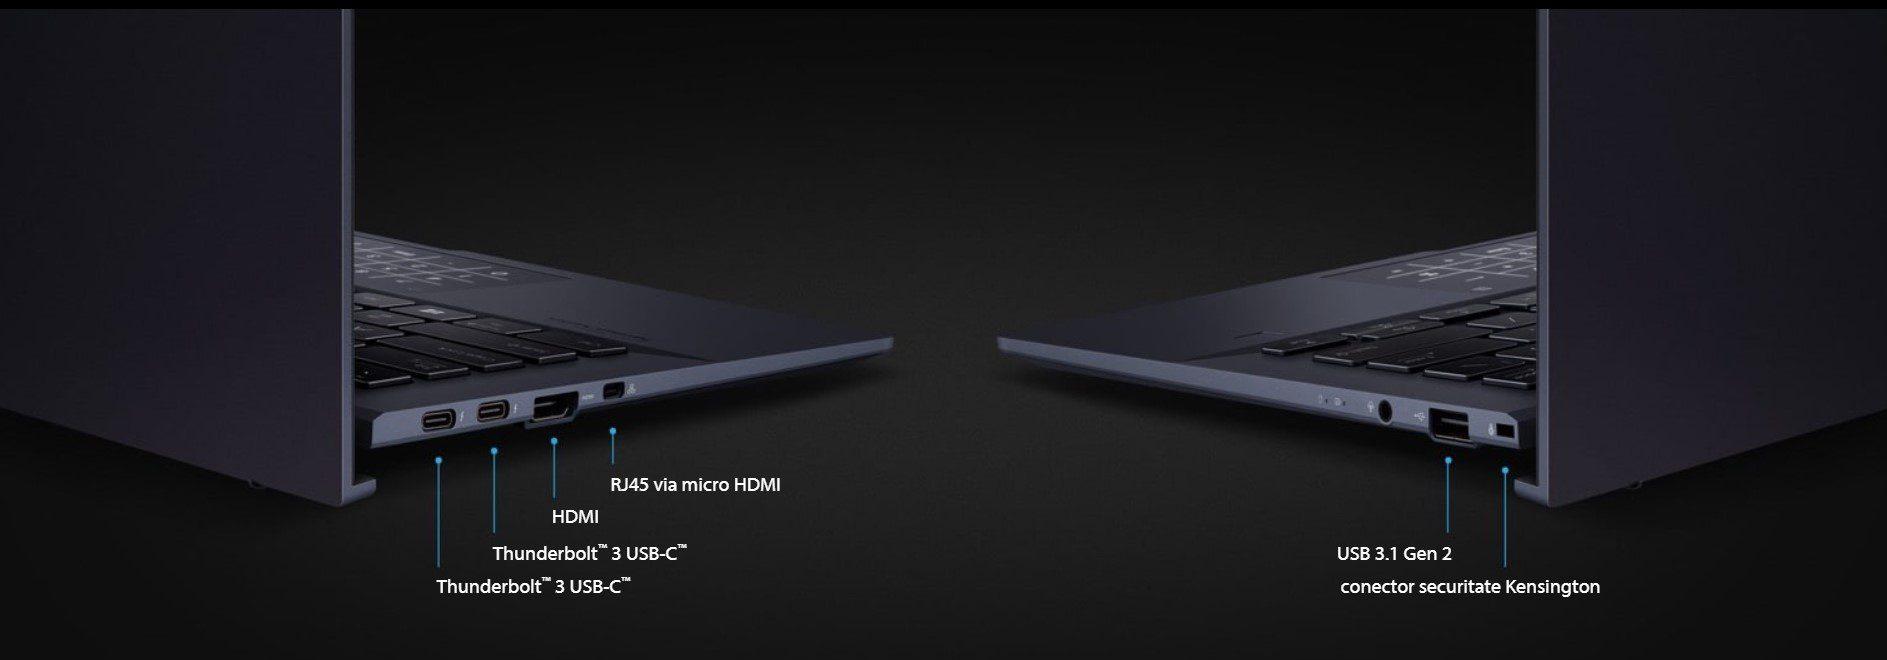 porturi asus ExpertBook B9450